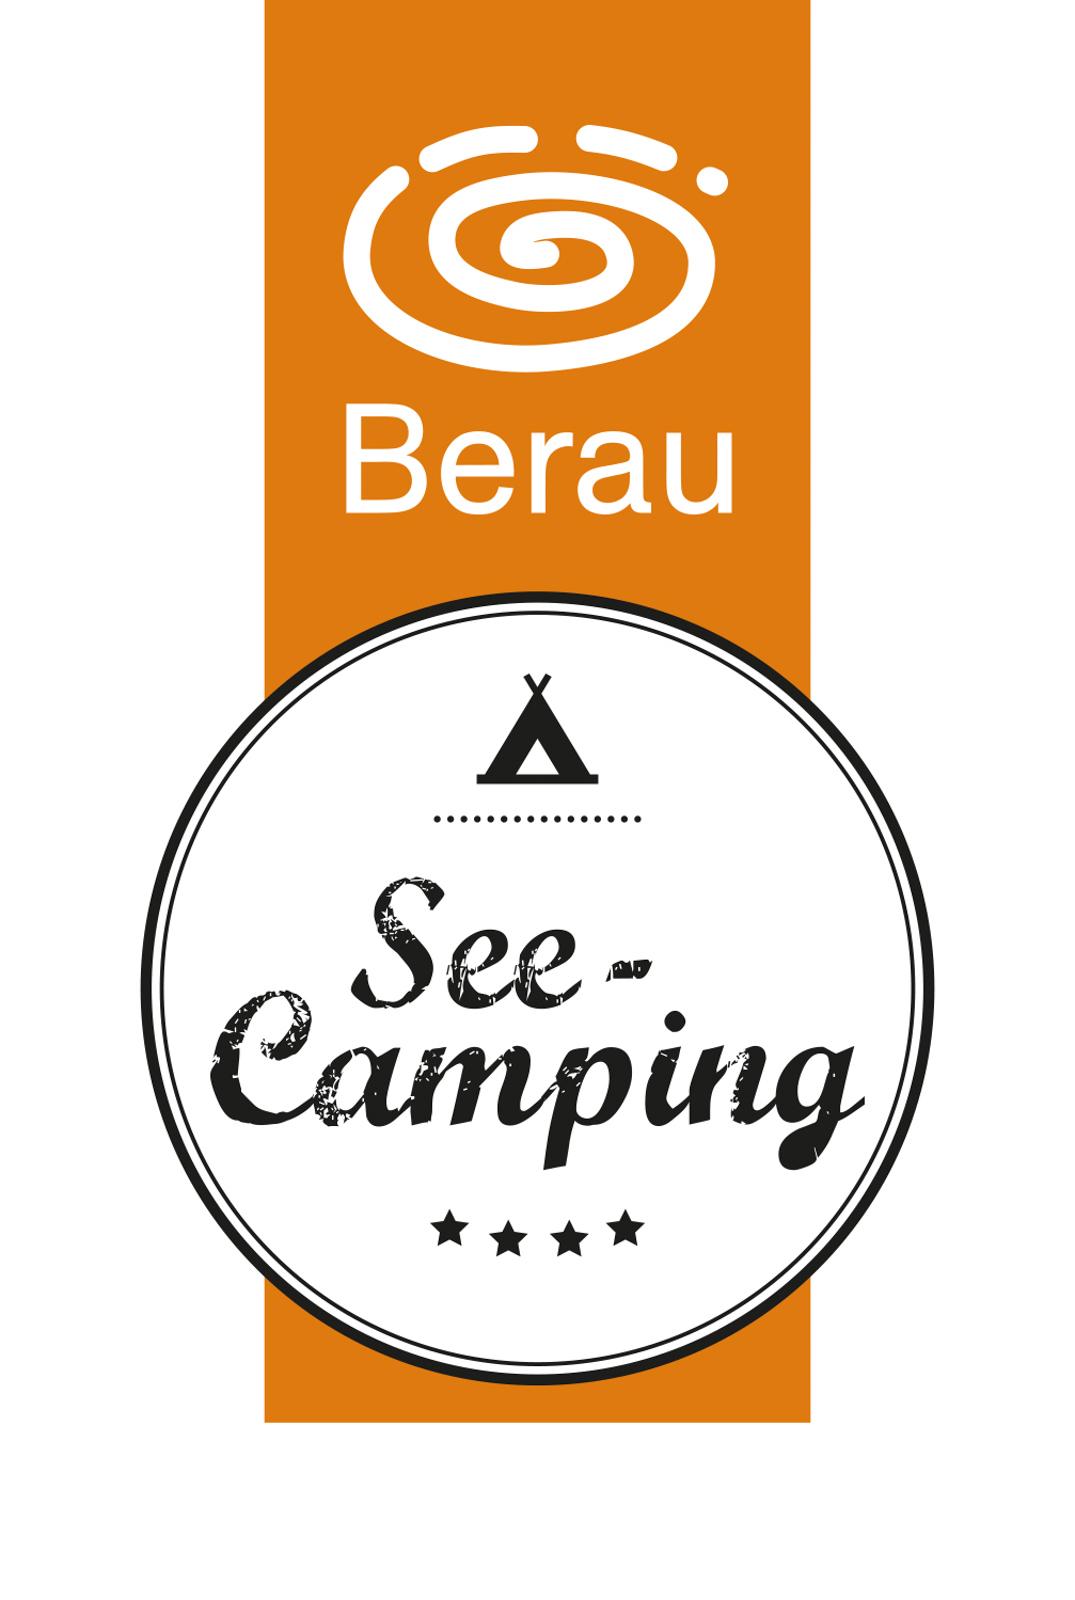 004 Logos Berau 5.jpg